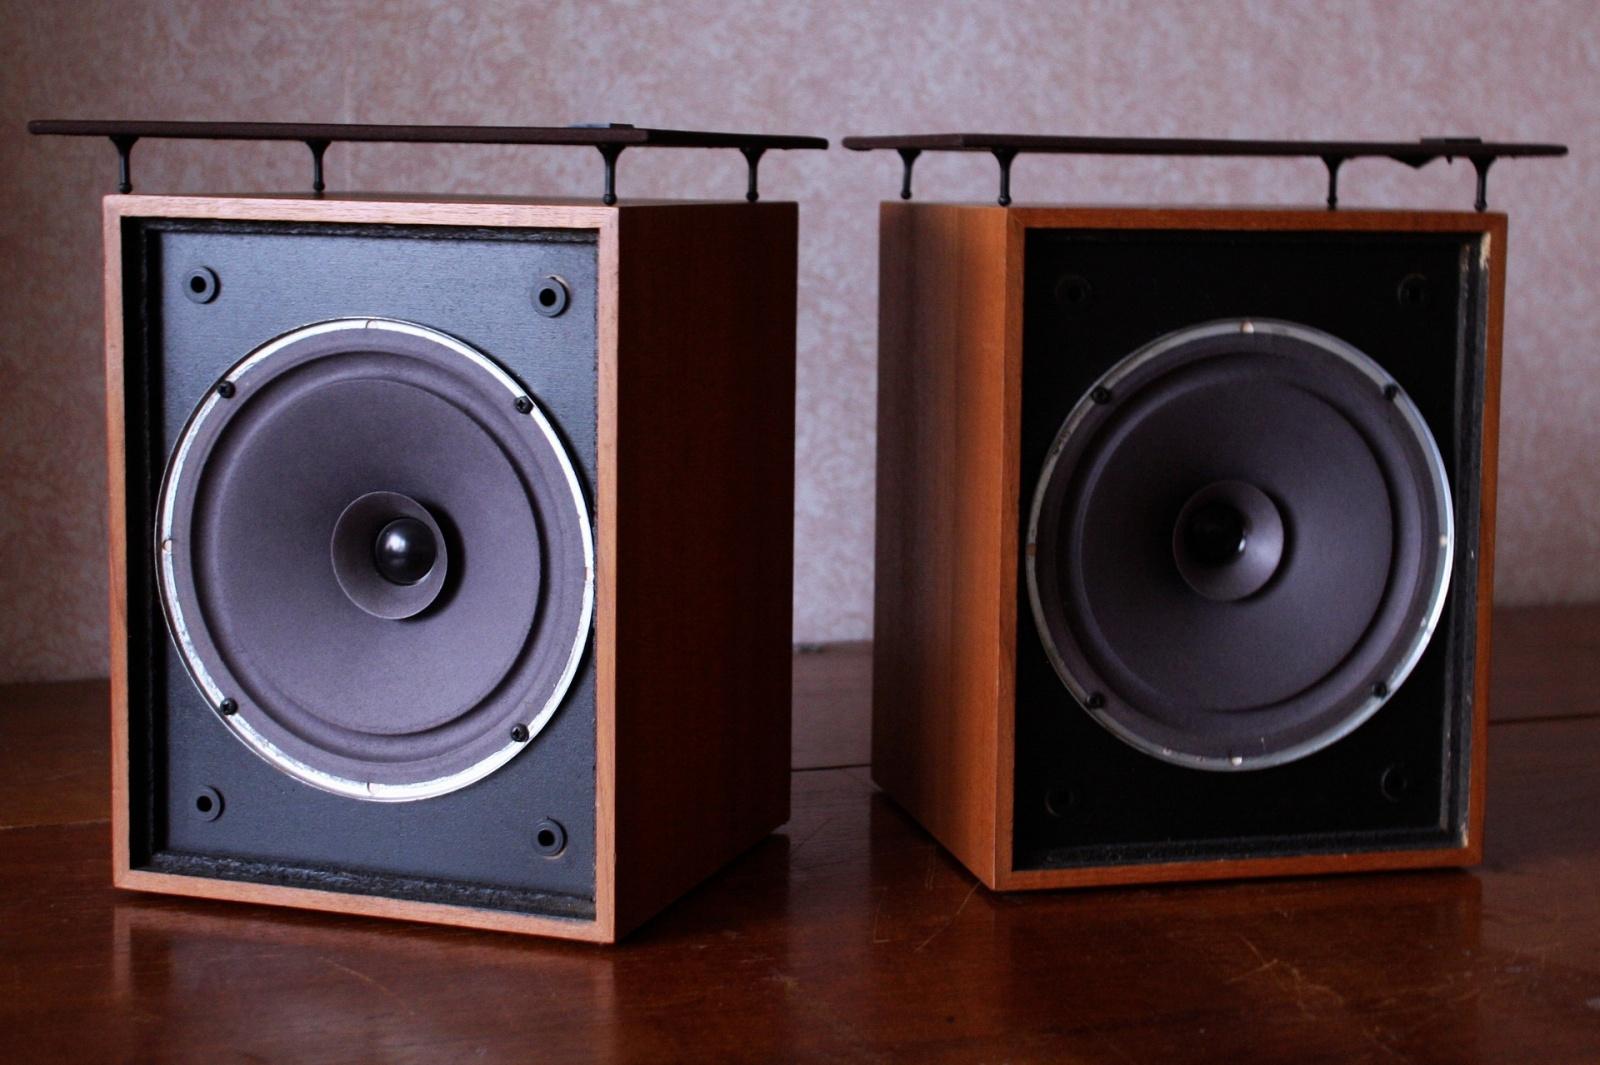 Анатомия акустических систем: споры о широкой полосе - 2